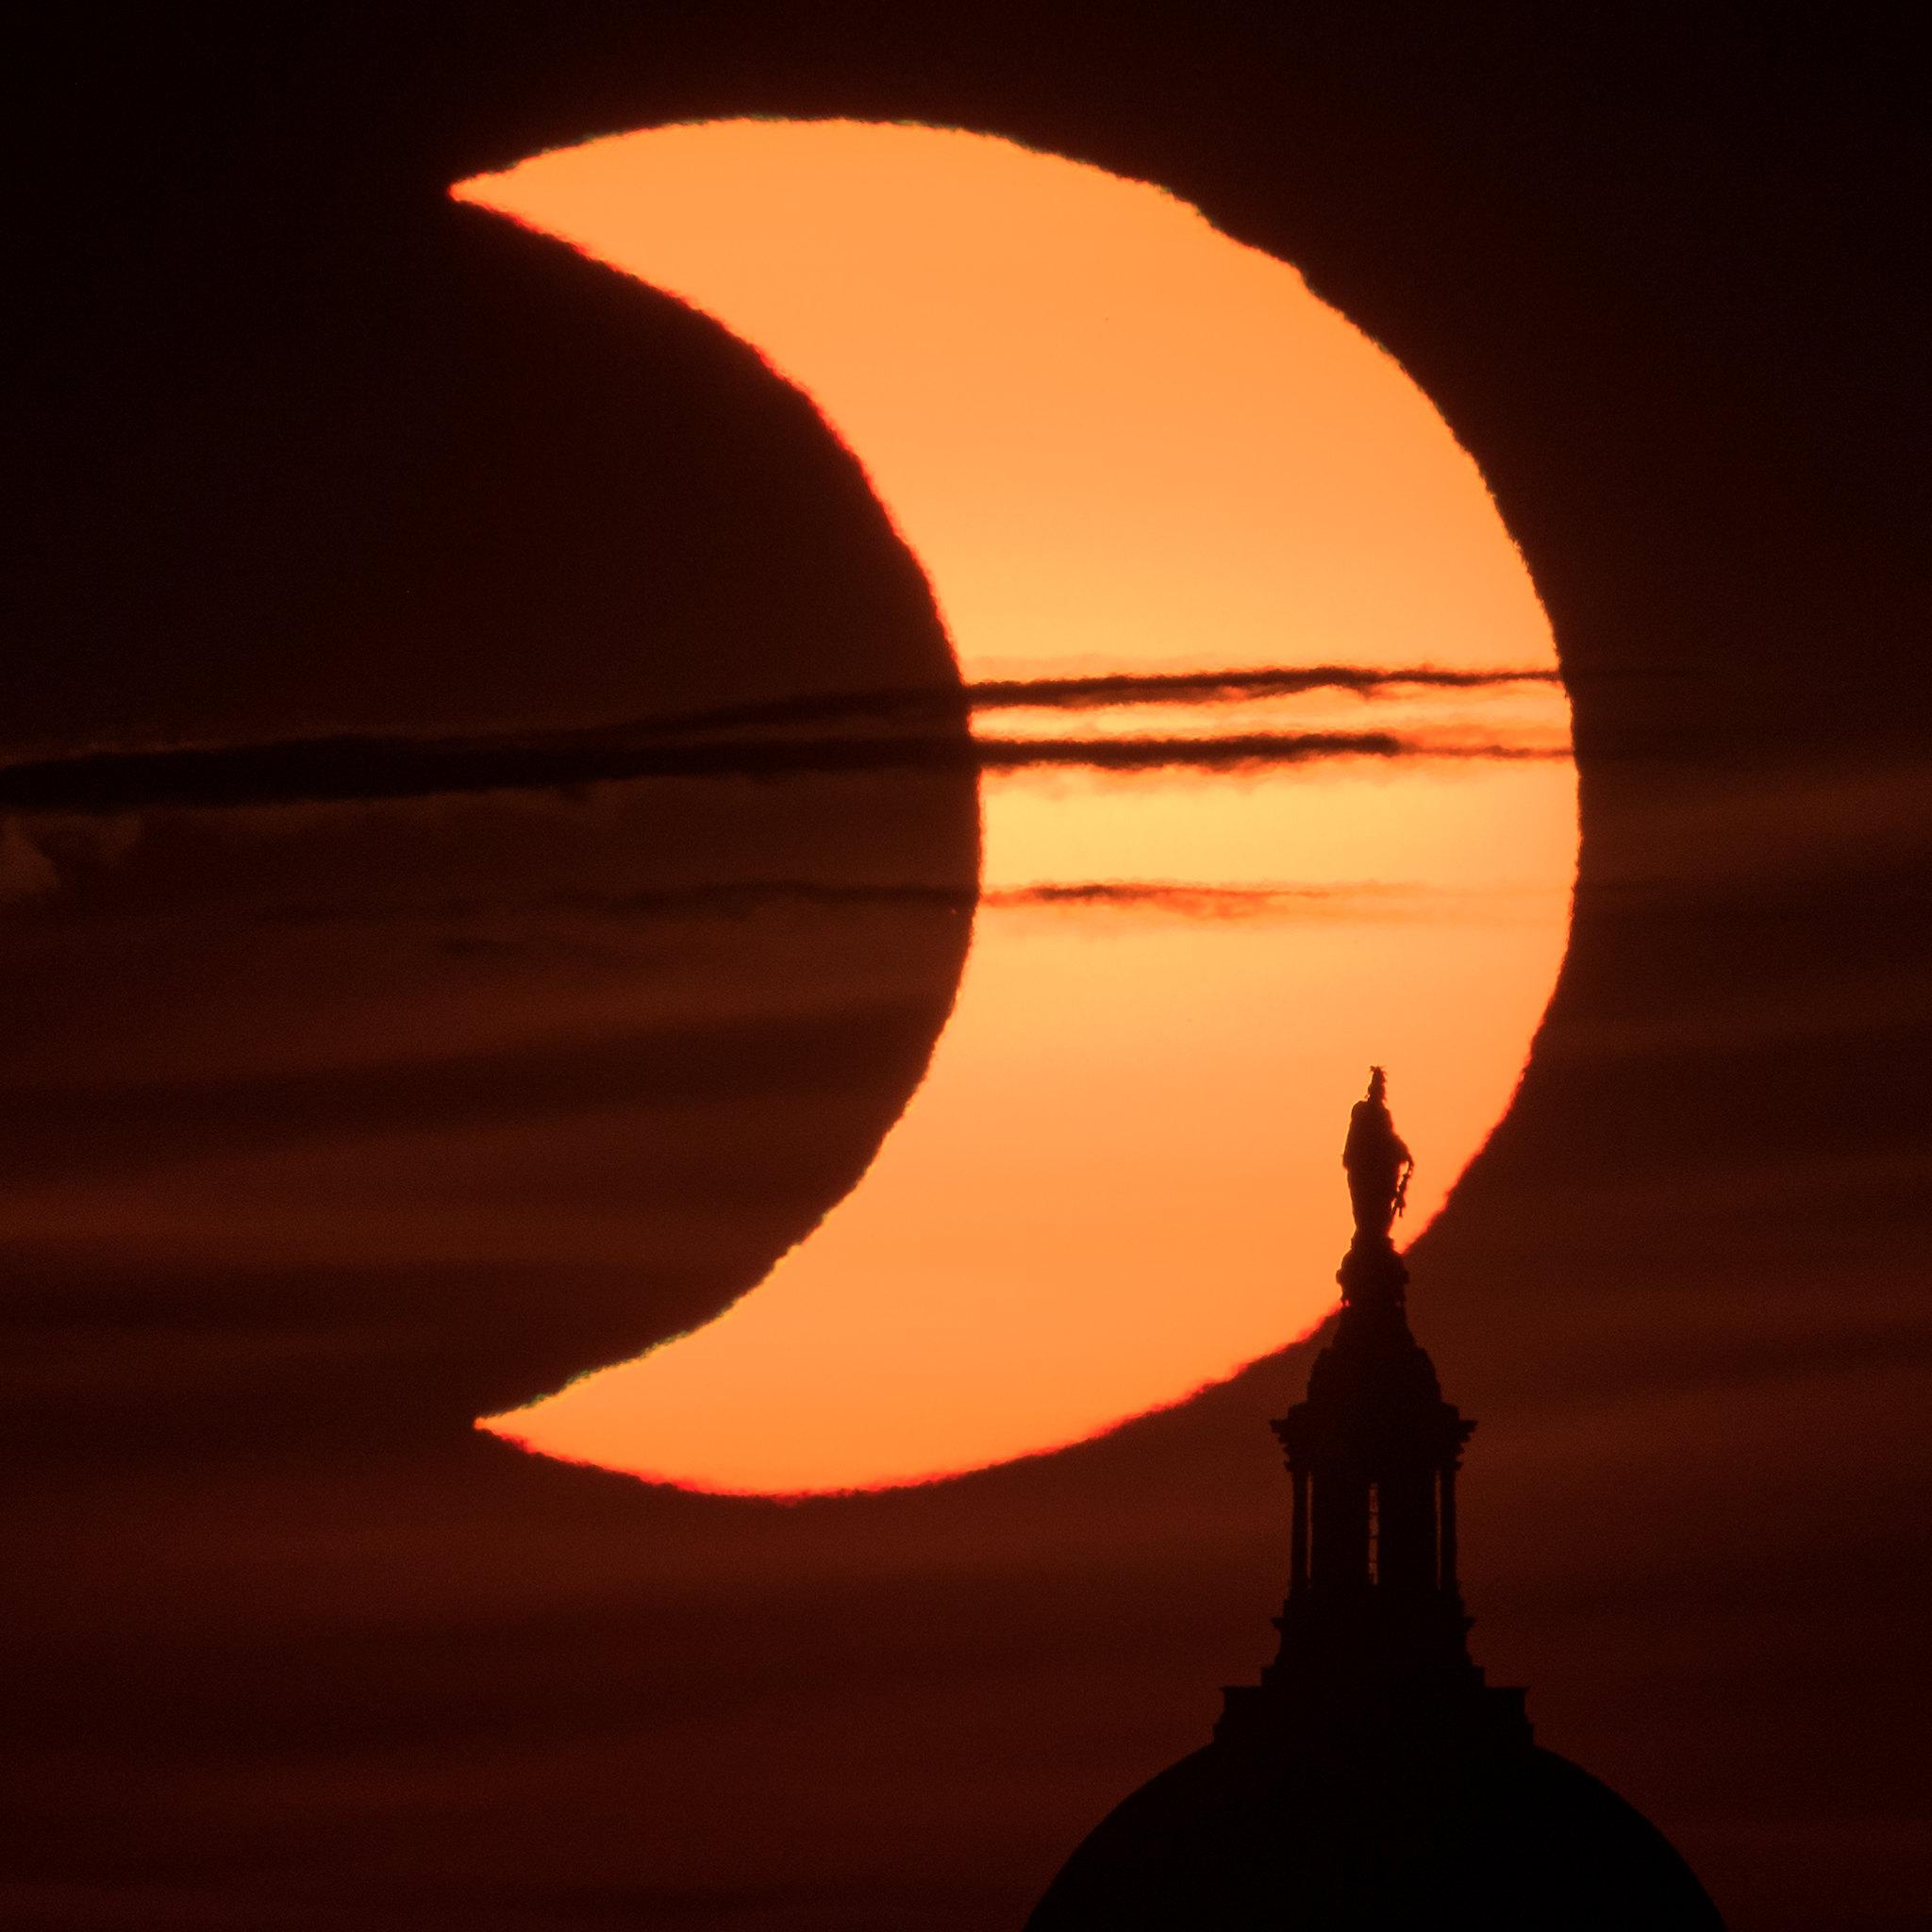 Une éclipse solaire partielle est vue alors que le soleil se lève derrière la Statue de la Liberté au sommet du Capitole des États-Unis le 10 juin 2021, vue d'Arlington, en Virginie, par le photographe de la NASA Bill Ingalls.